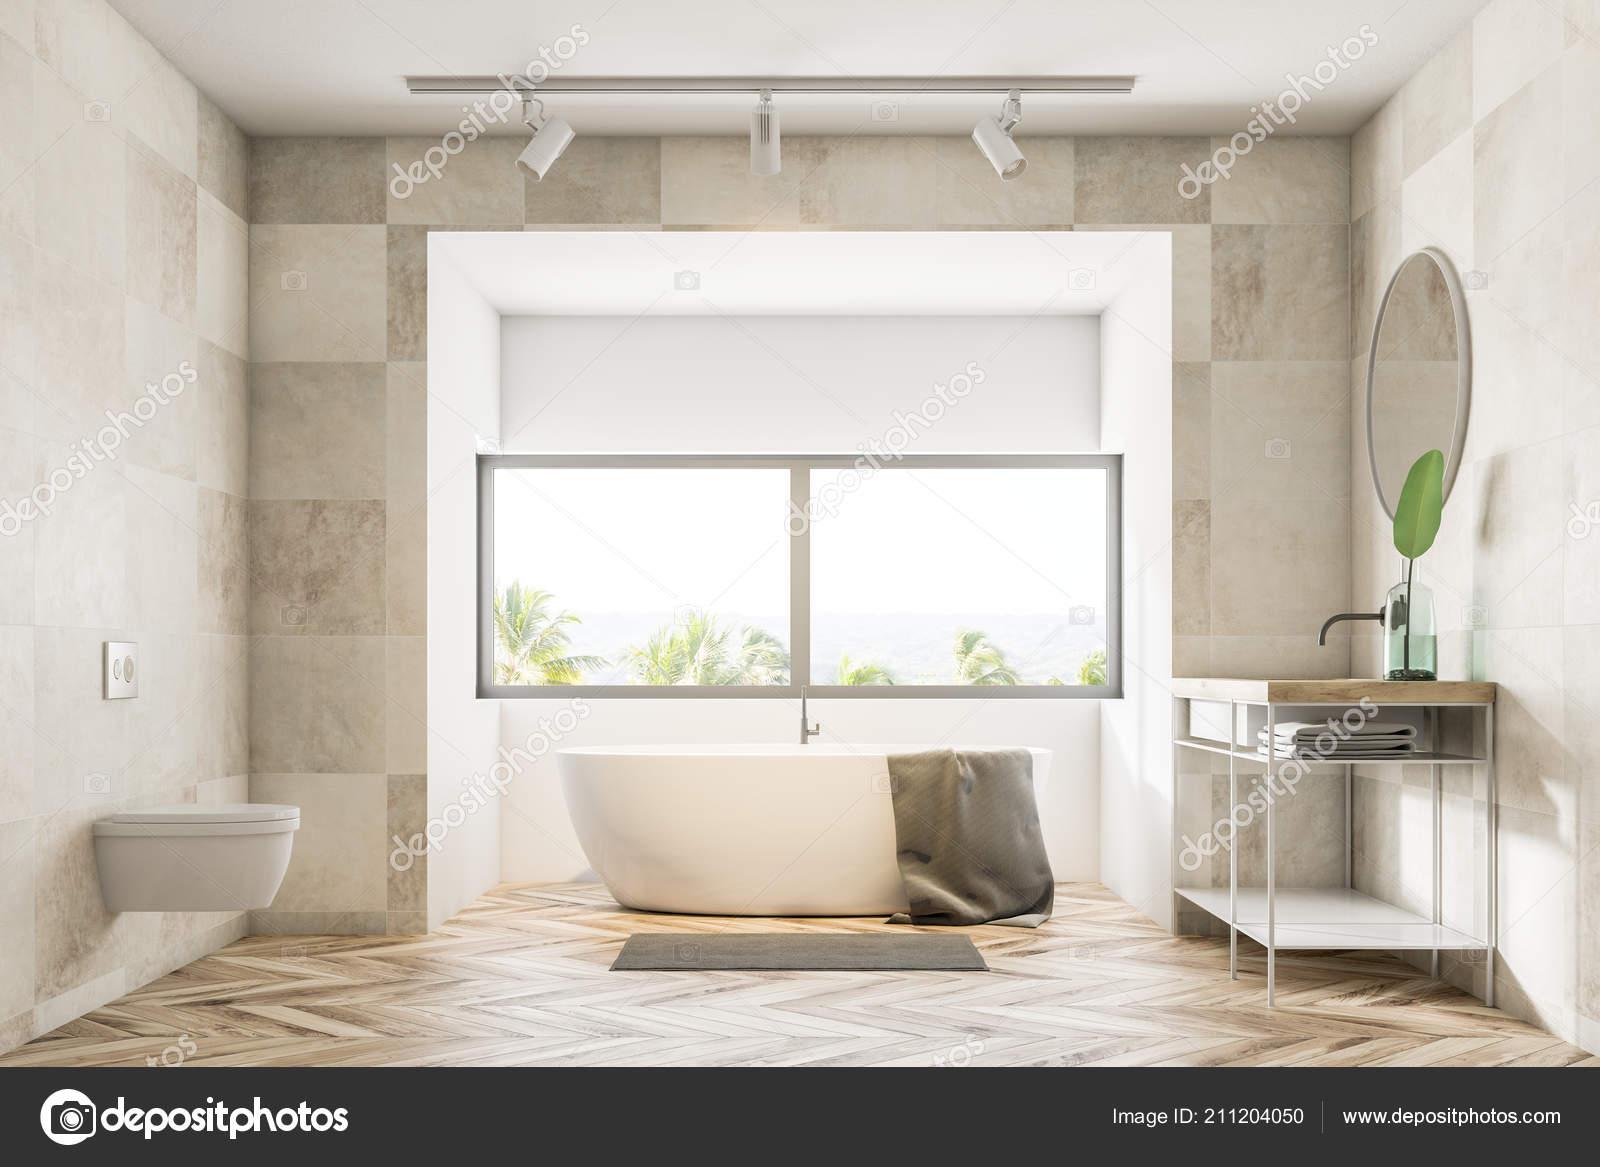 badezimmer einrichtung mit beige fliesen w nde holzfu boden eine badewanne unter stockfoto. Black Bedroom Furniture Sets. Home Design Ideas